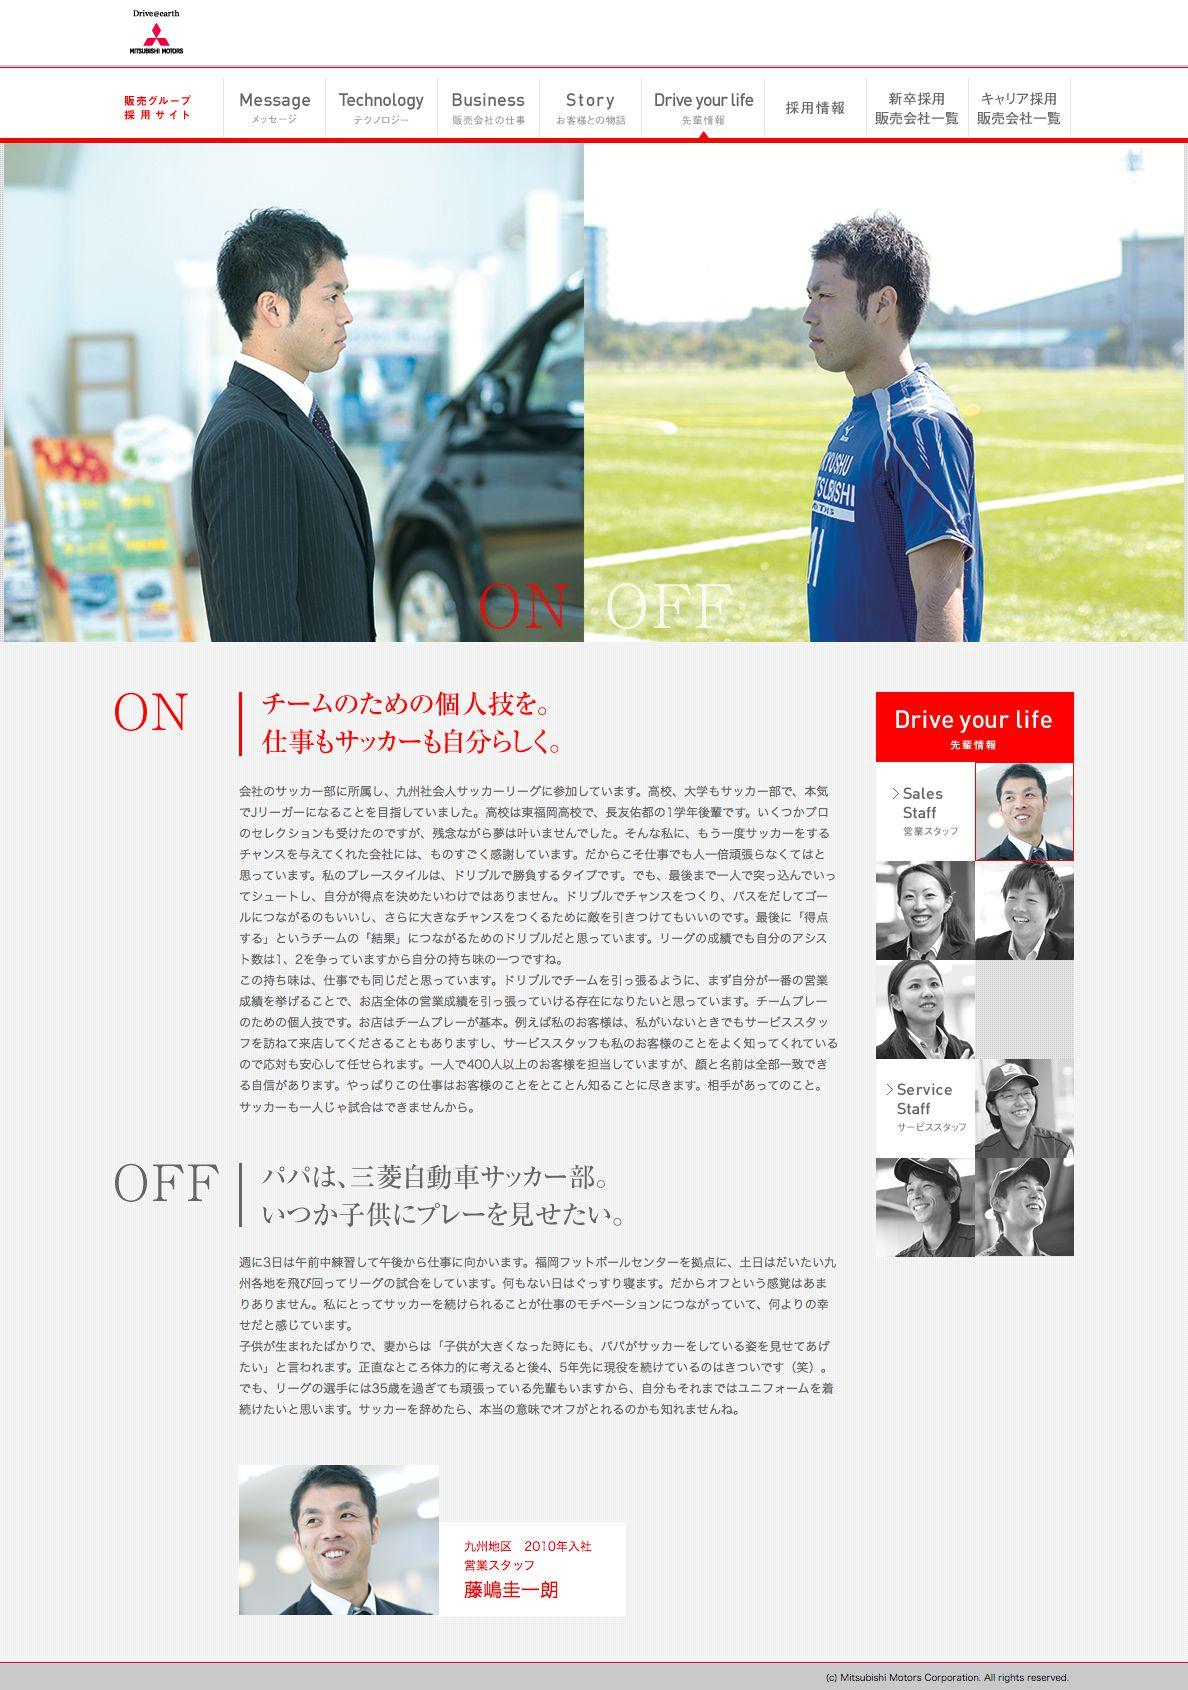 三菱自動車販売グループ 採用サイト 先輩情報